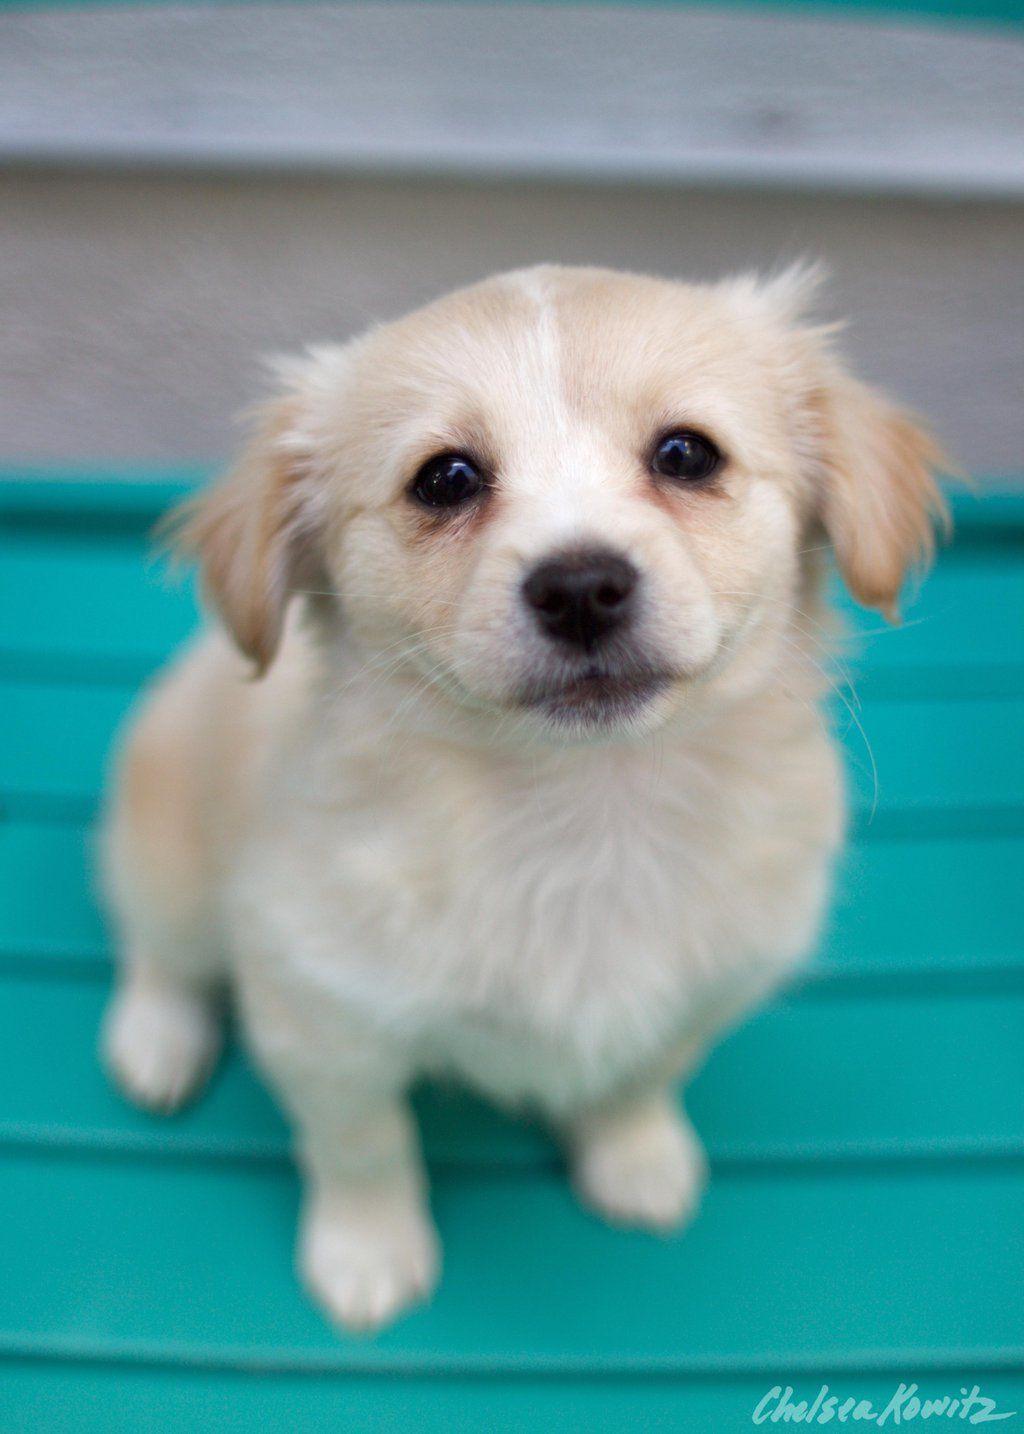 Gayweho Dogs 4 U On Dogs Labrador Retriever Animals